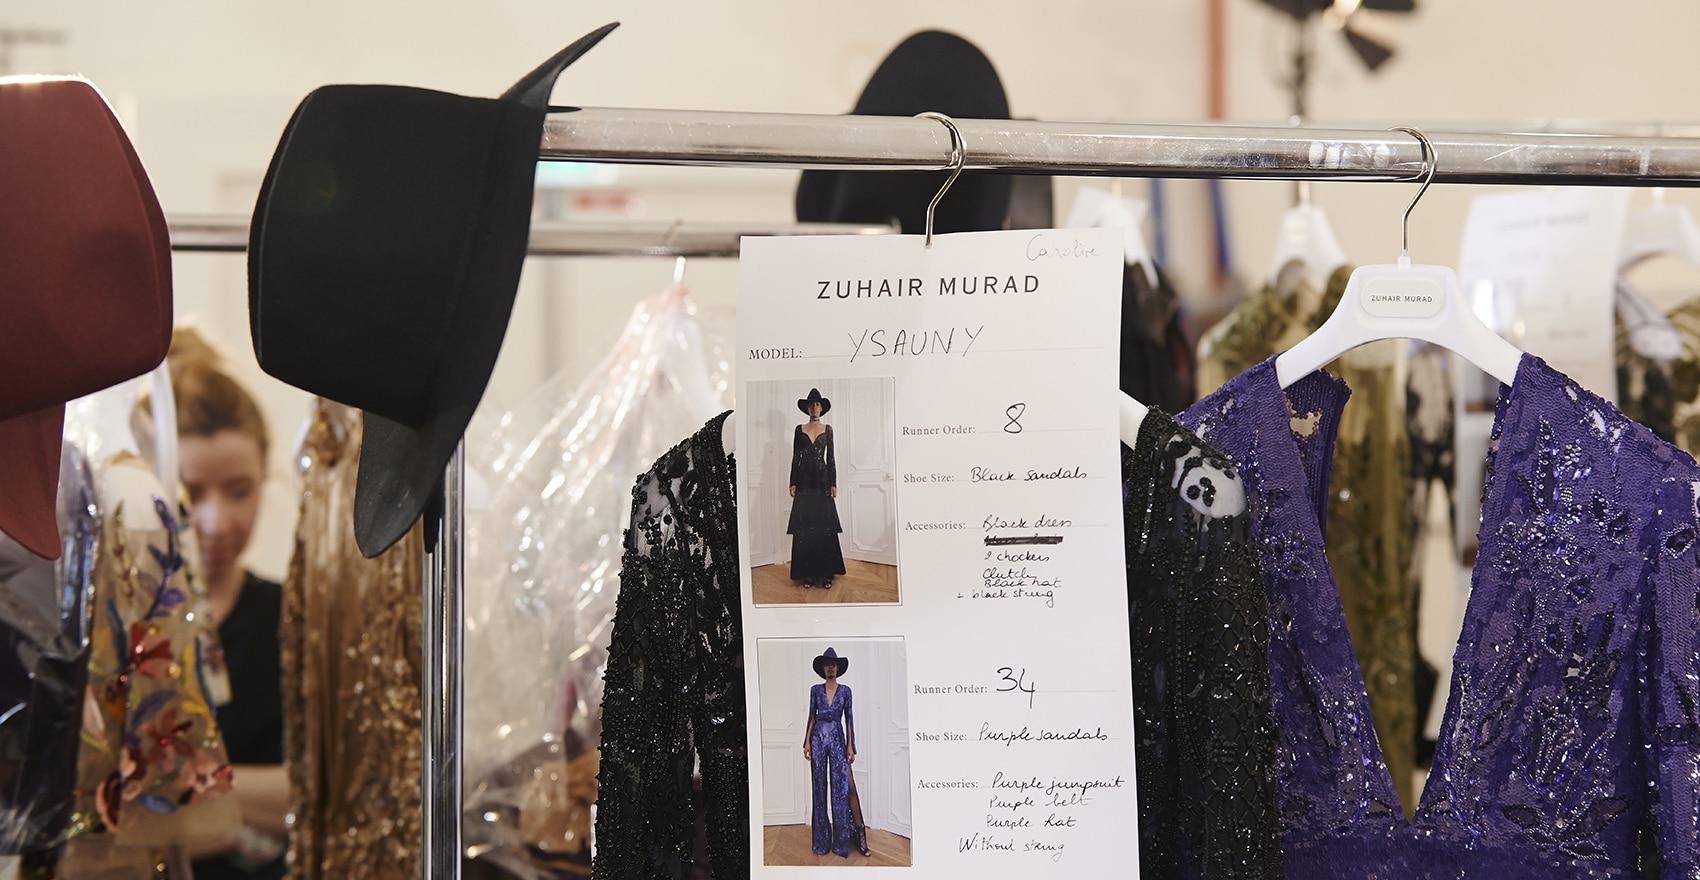 Backstage bei der Herbst-Winter 2016 haute couture Kollektion von Zuhair Murad  bei der Fashion Week Paris looks | René Furterer